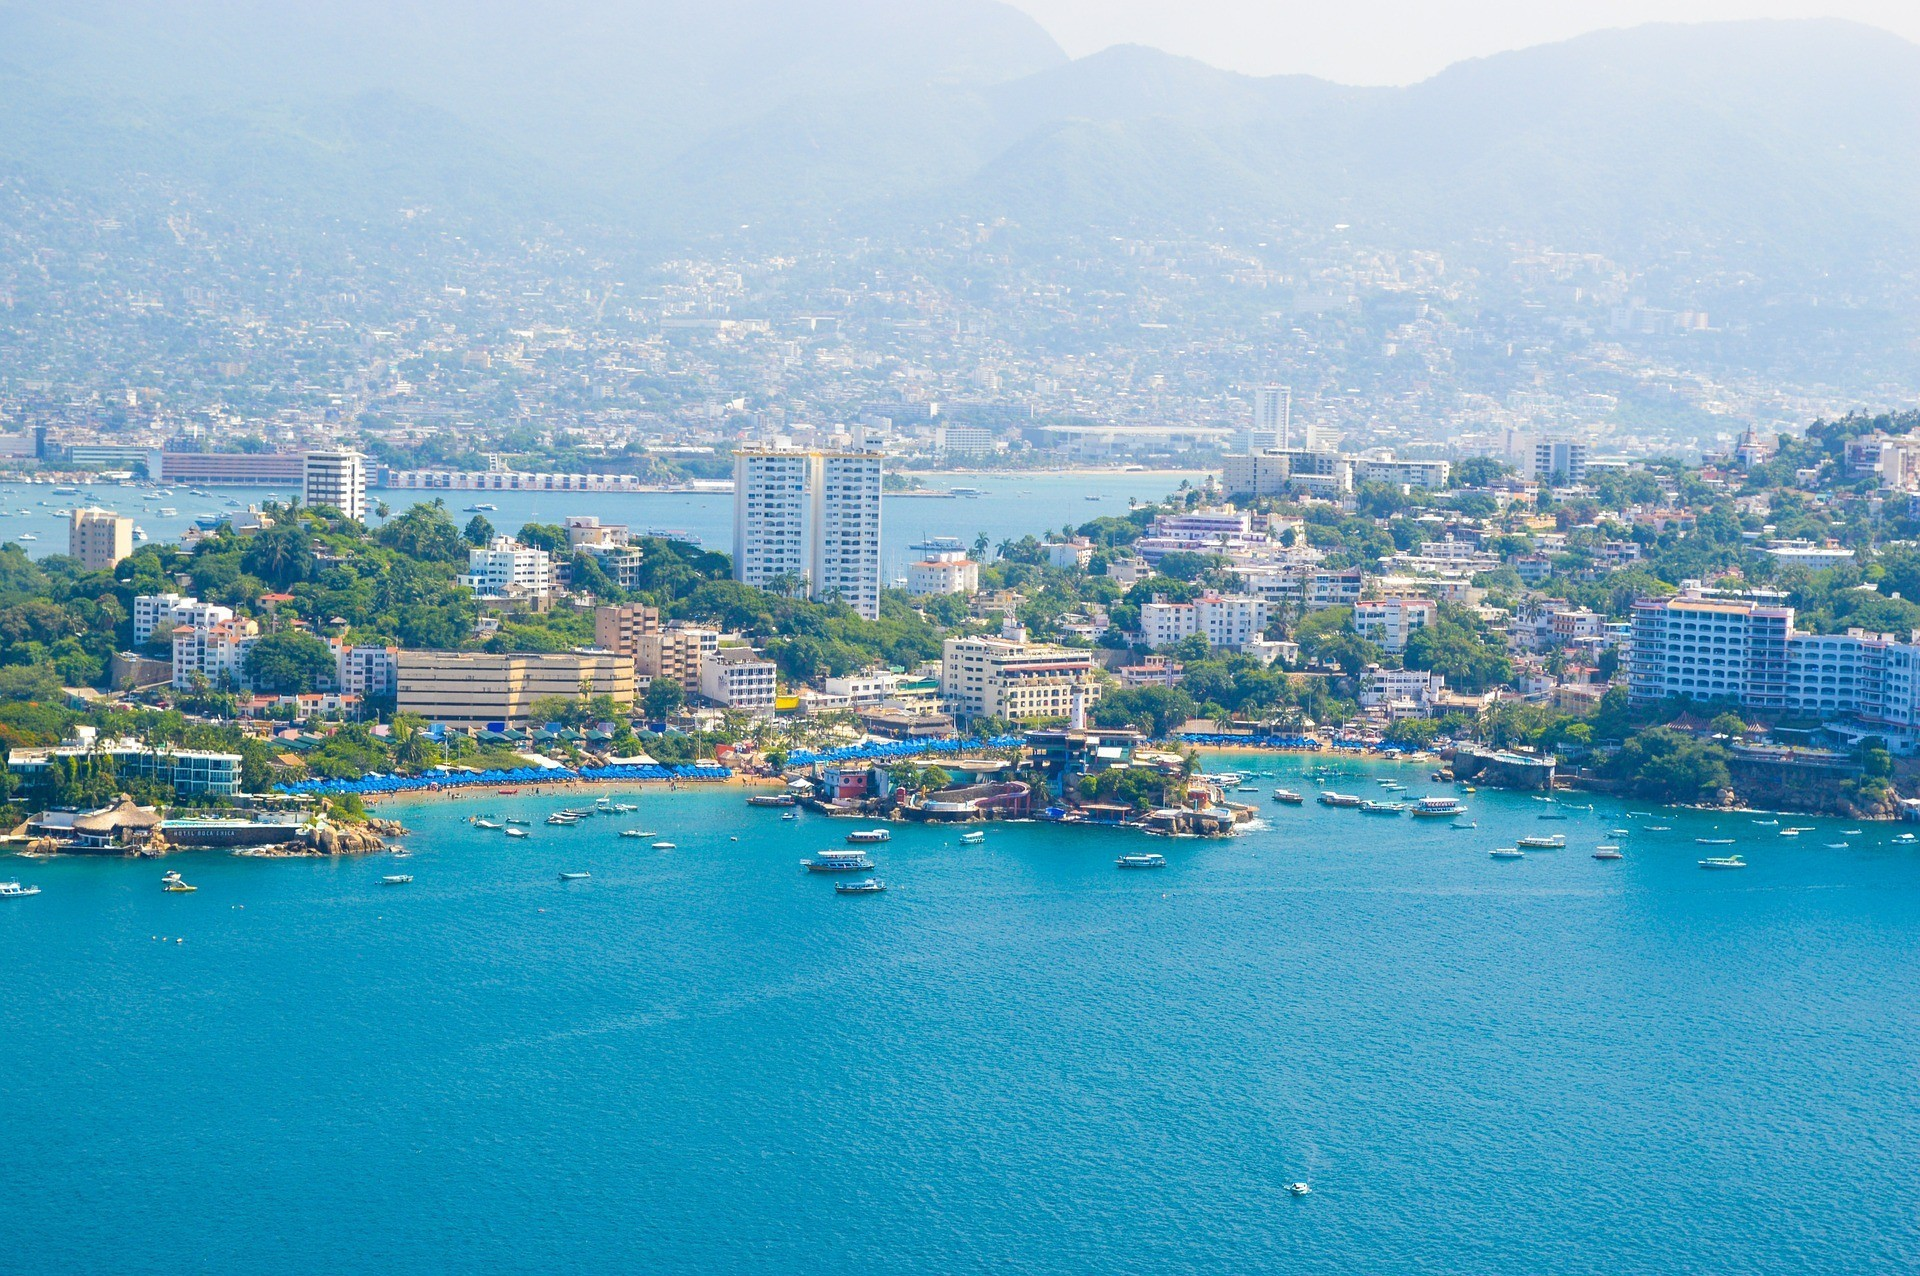 Voyage sur la côte Pacifique du Mexique Acapulco et Puerto Vallarta